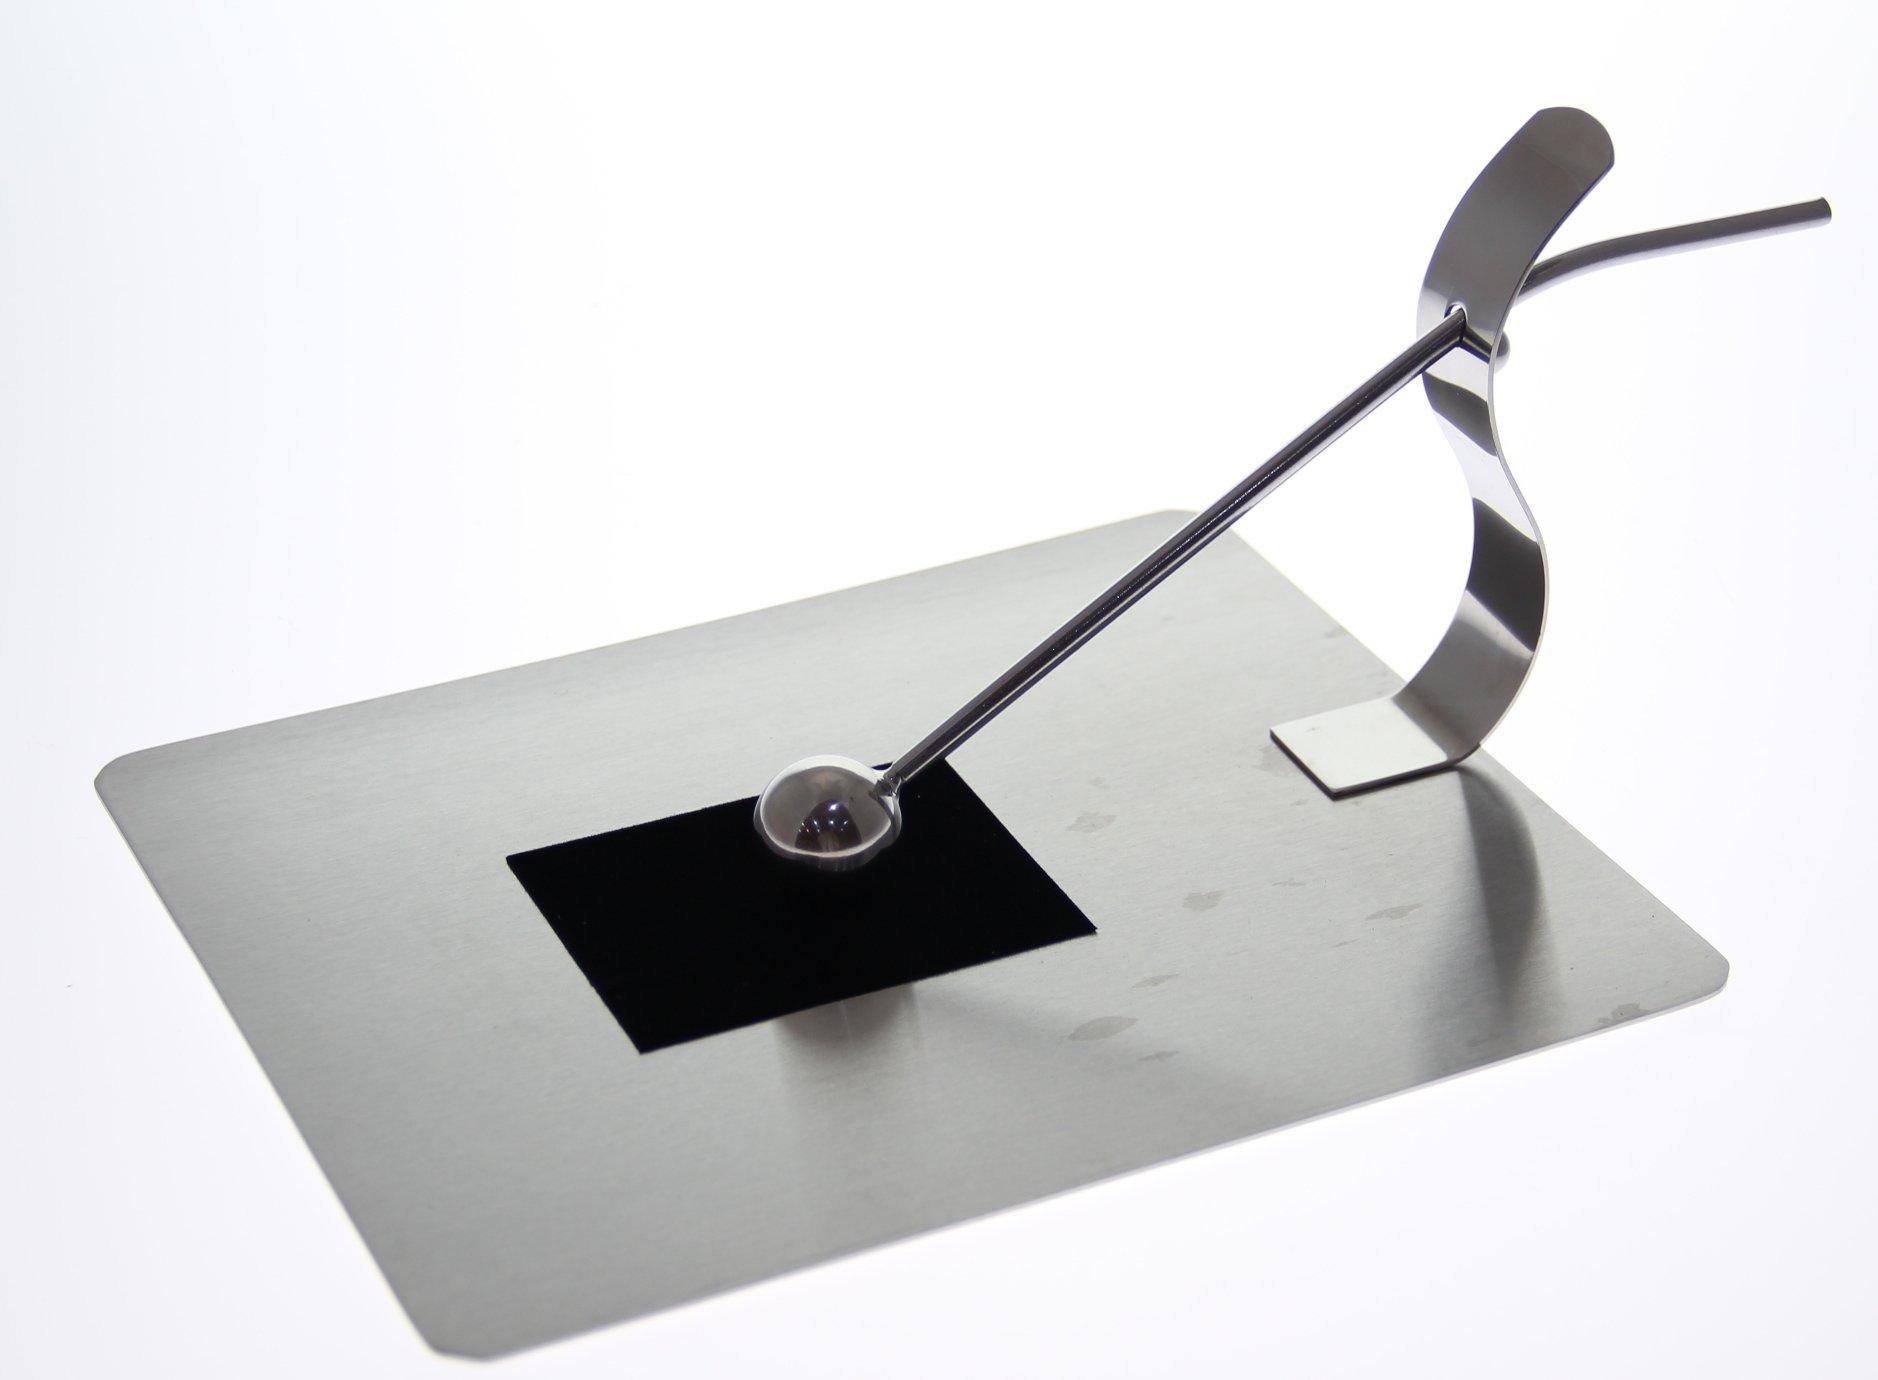 justnile modern napkin holder  stainless steel gripping ball  ebay - description